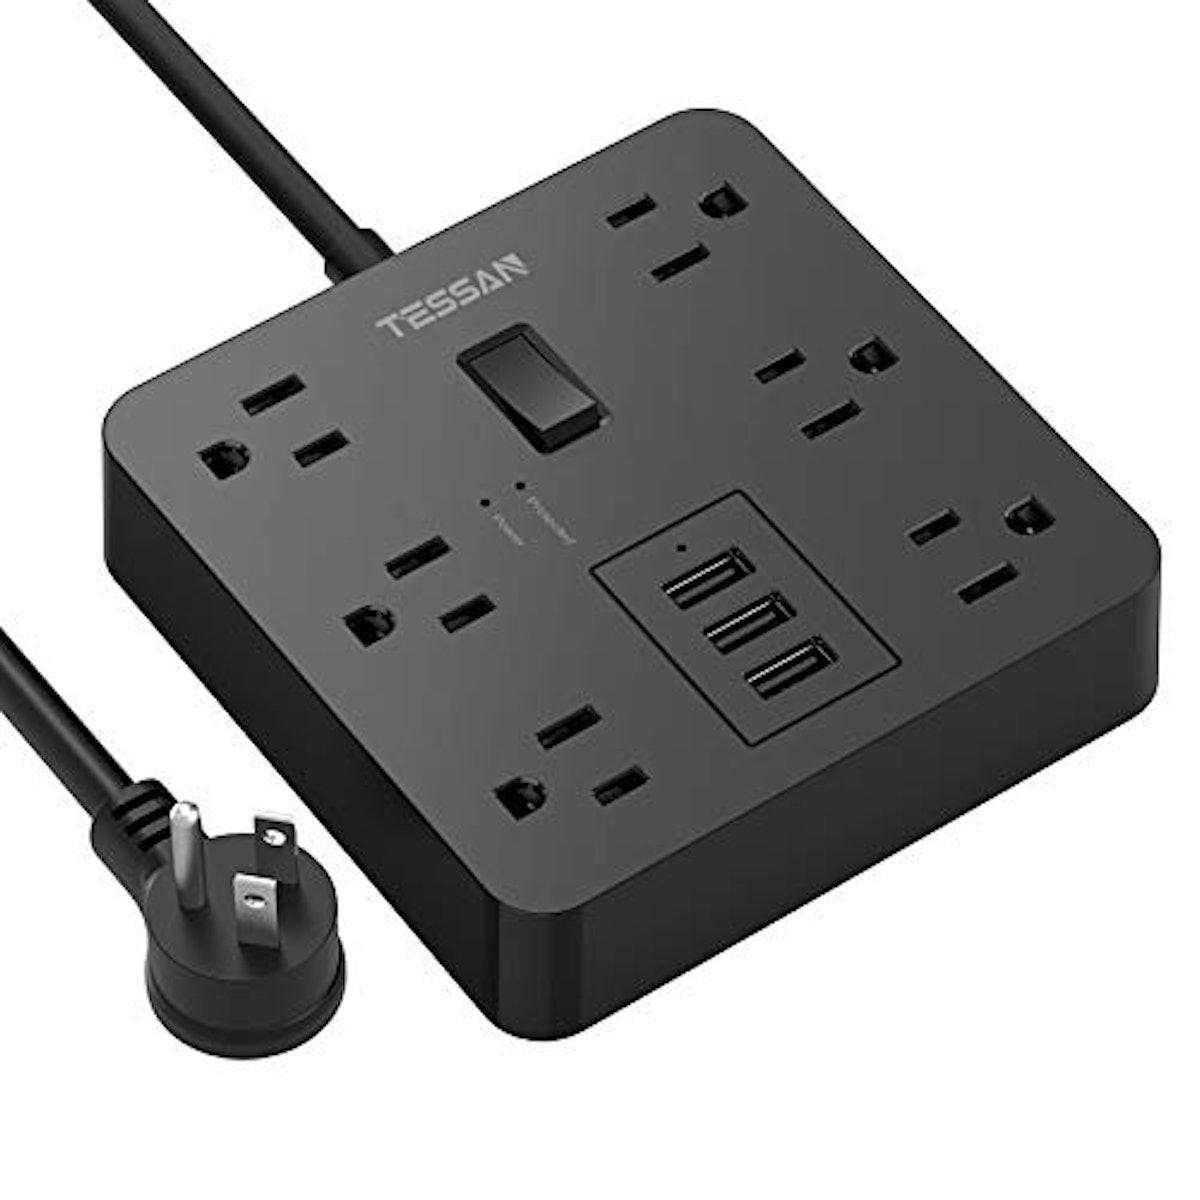 TESSAN Power Strip with USB